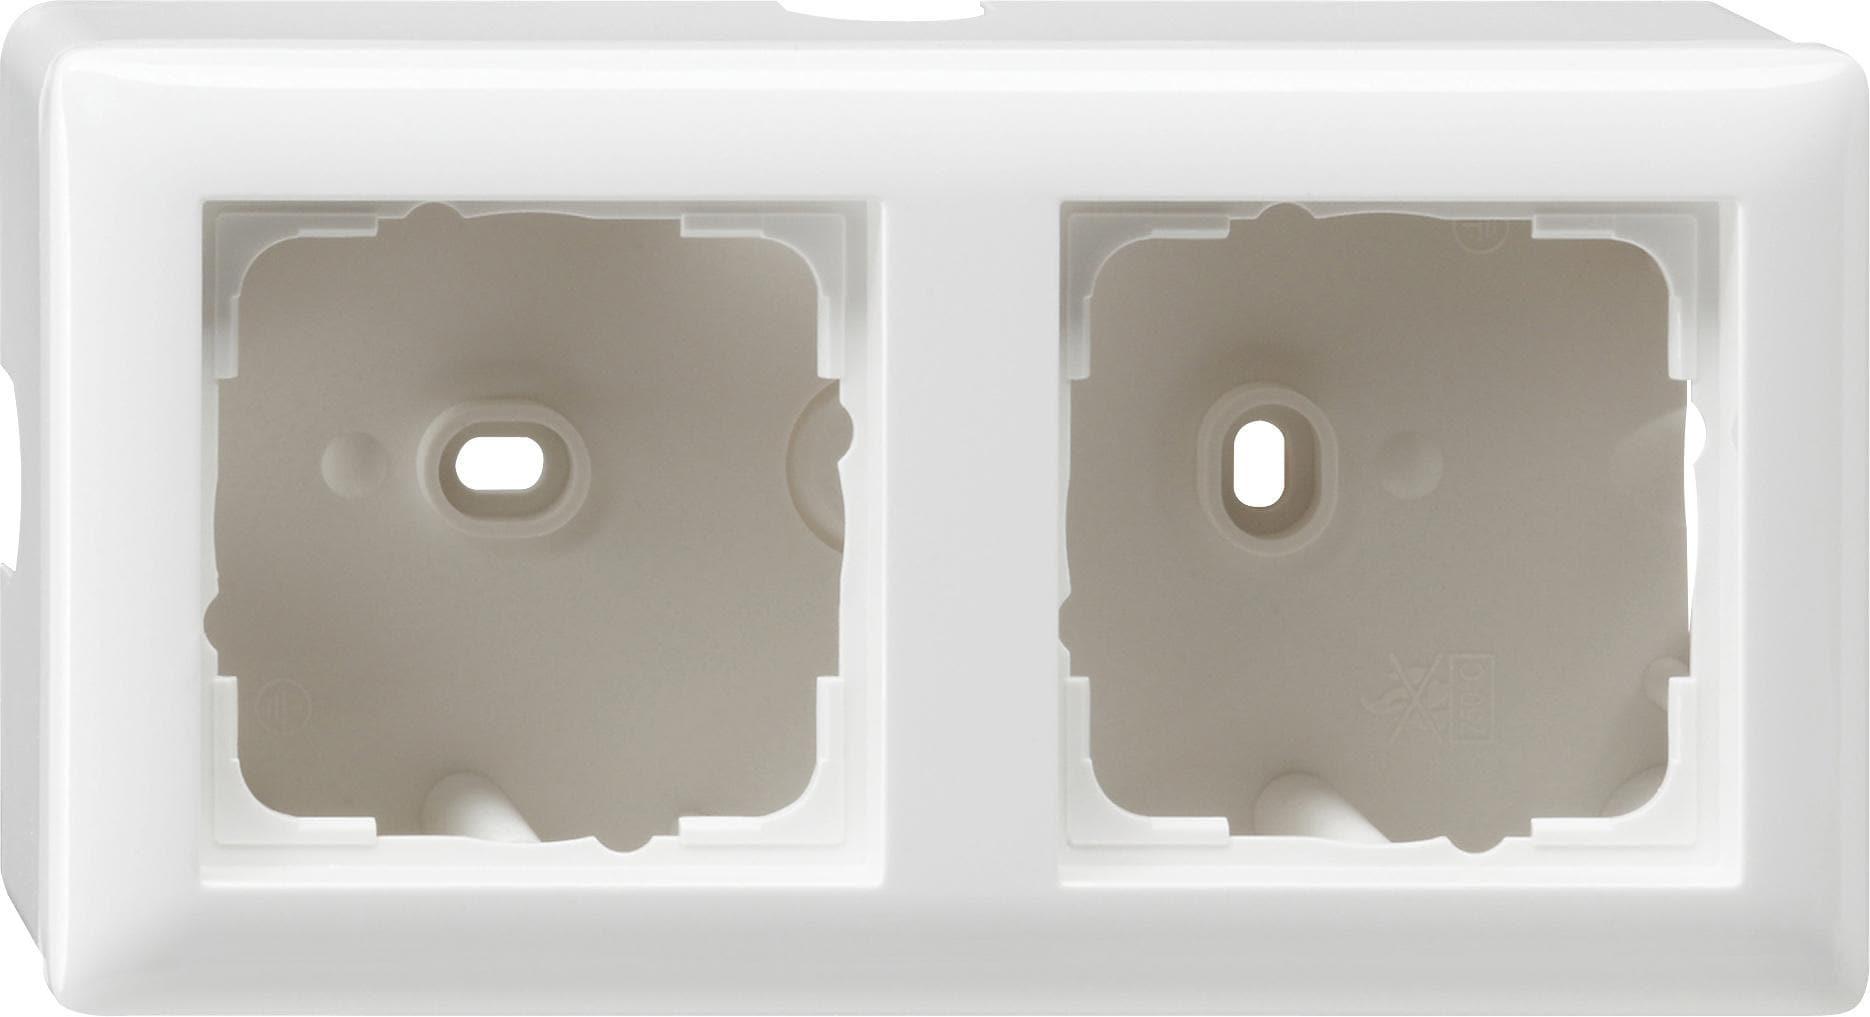 Hervorragend GIRA System 55 Standard Aufputzgehäuse | System 55 Standard Rahmen  GW75